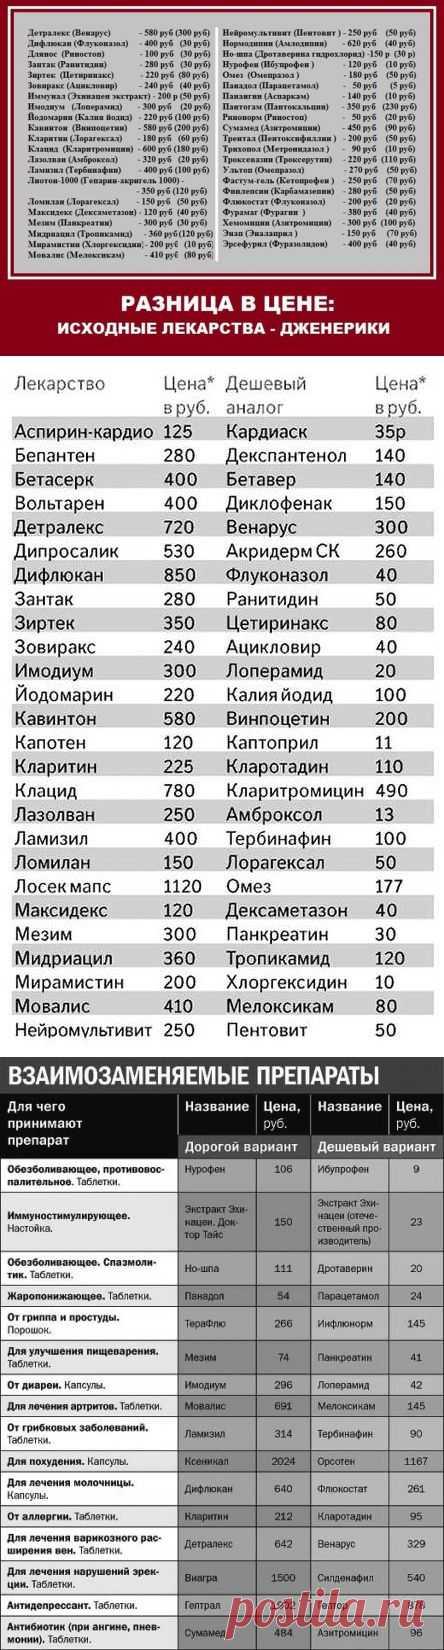 Дешевые аналоги дорогих лекарств. .